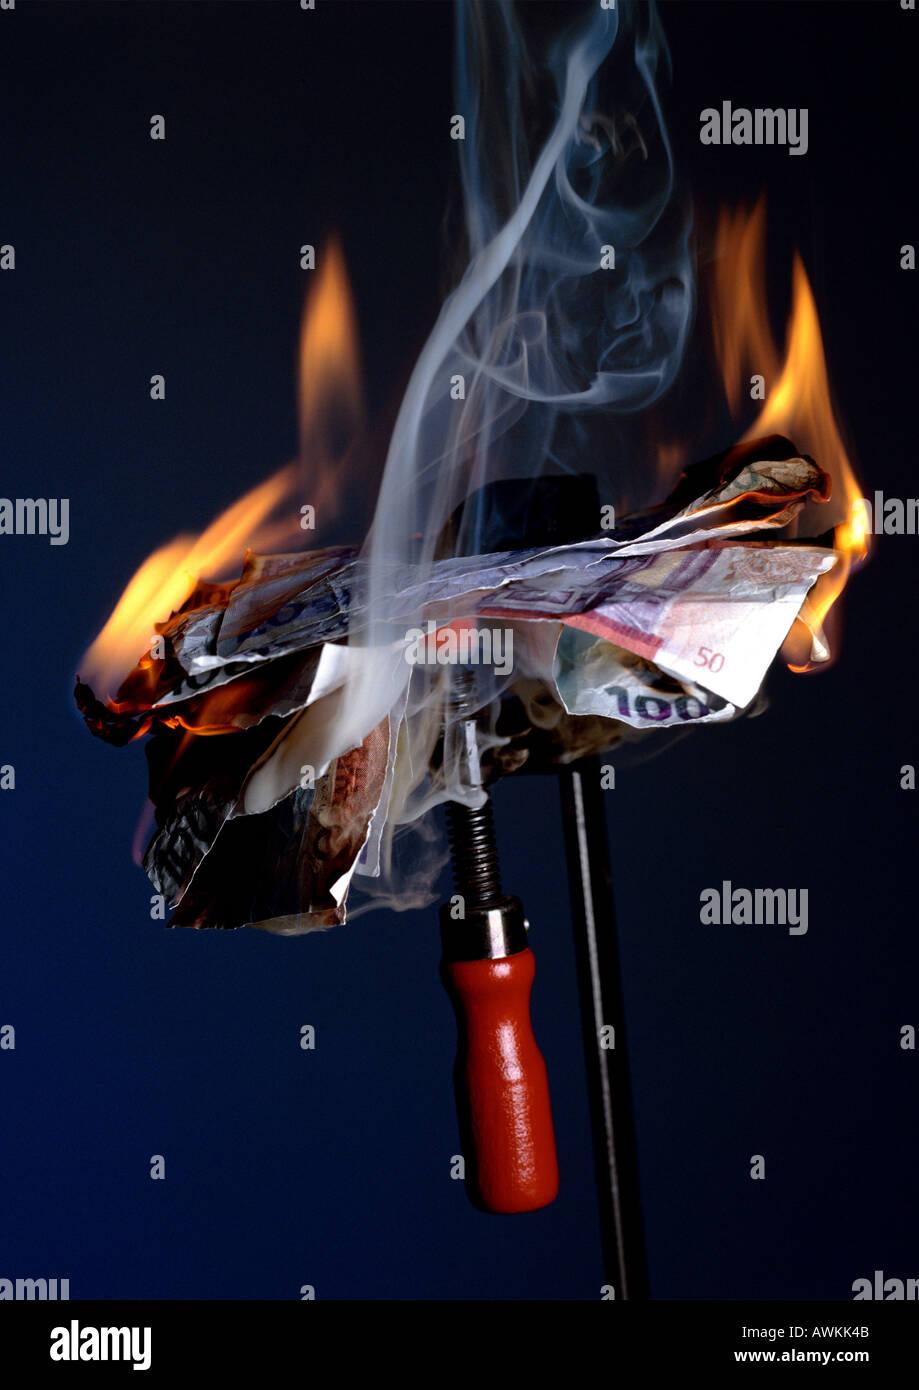 Burning money. - Stock Image